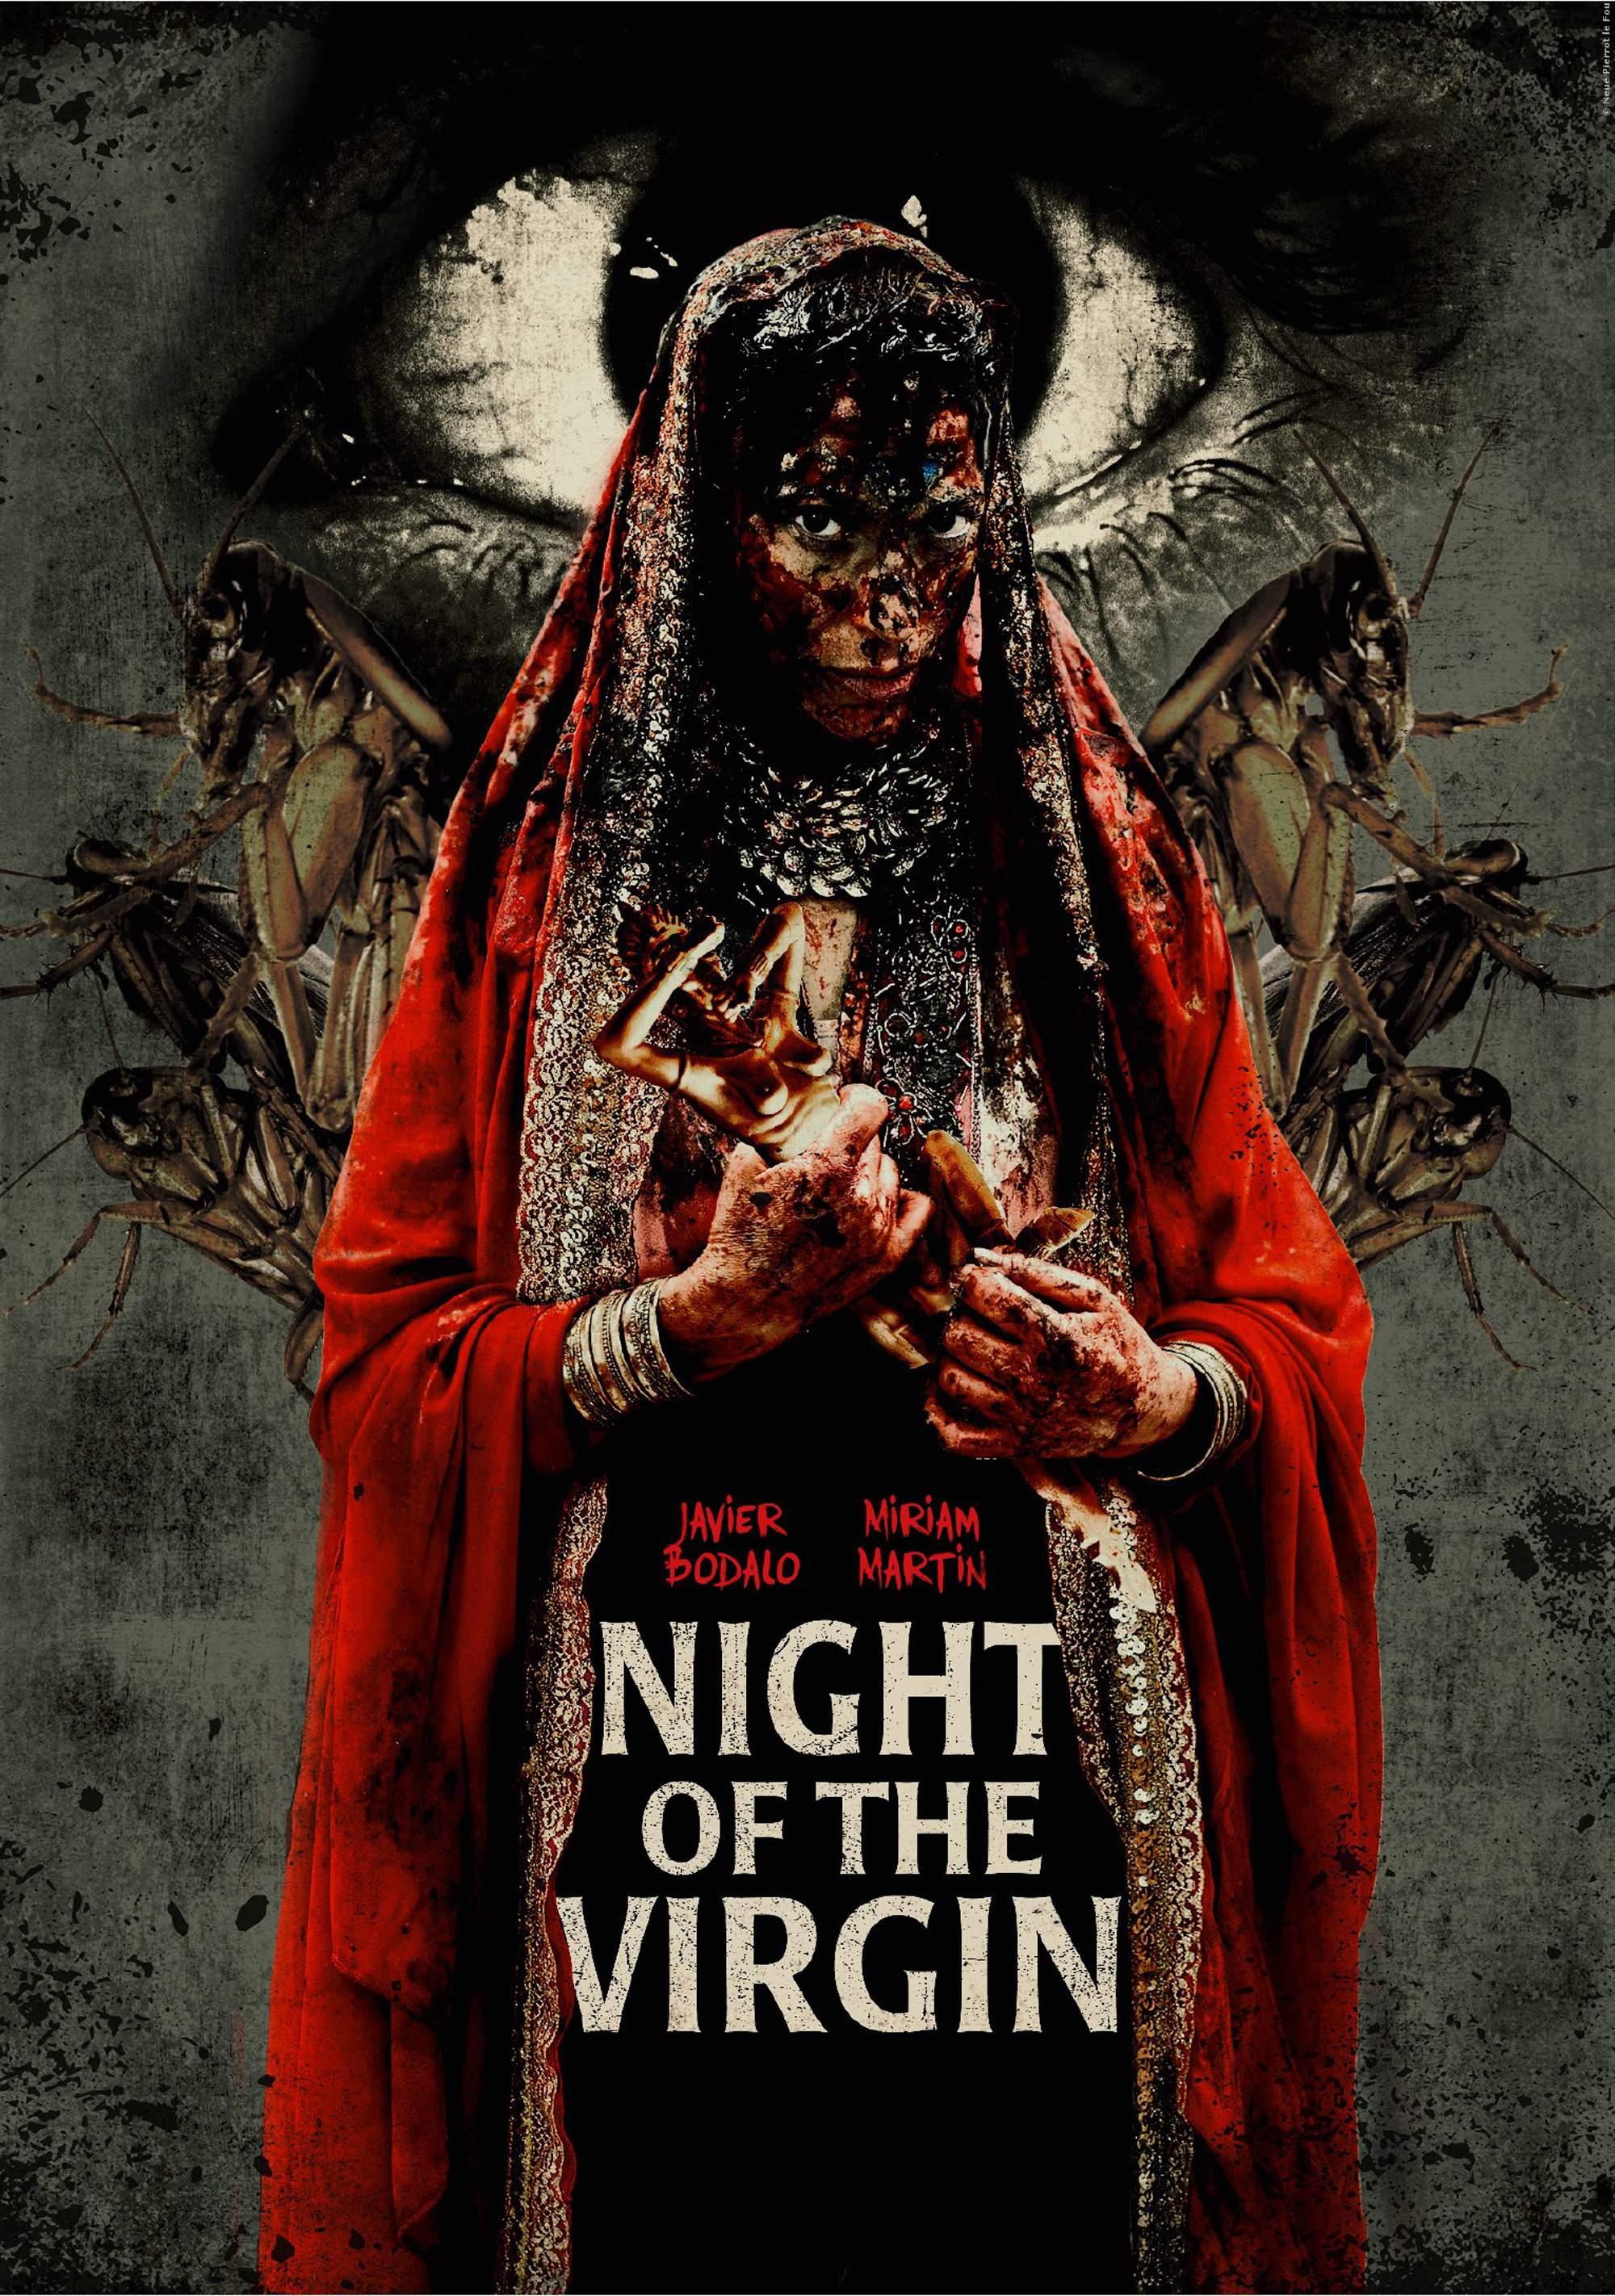 Night Of The Virgin Trailer - Bild 1 von 11